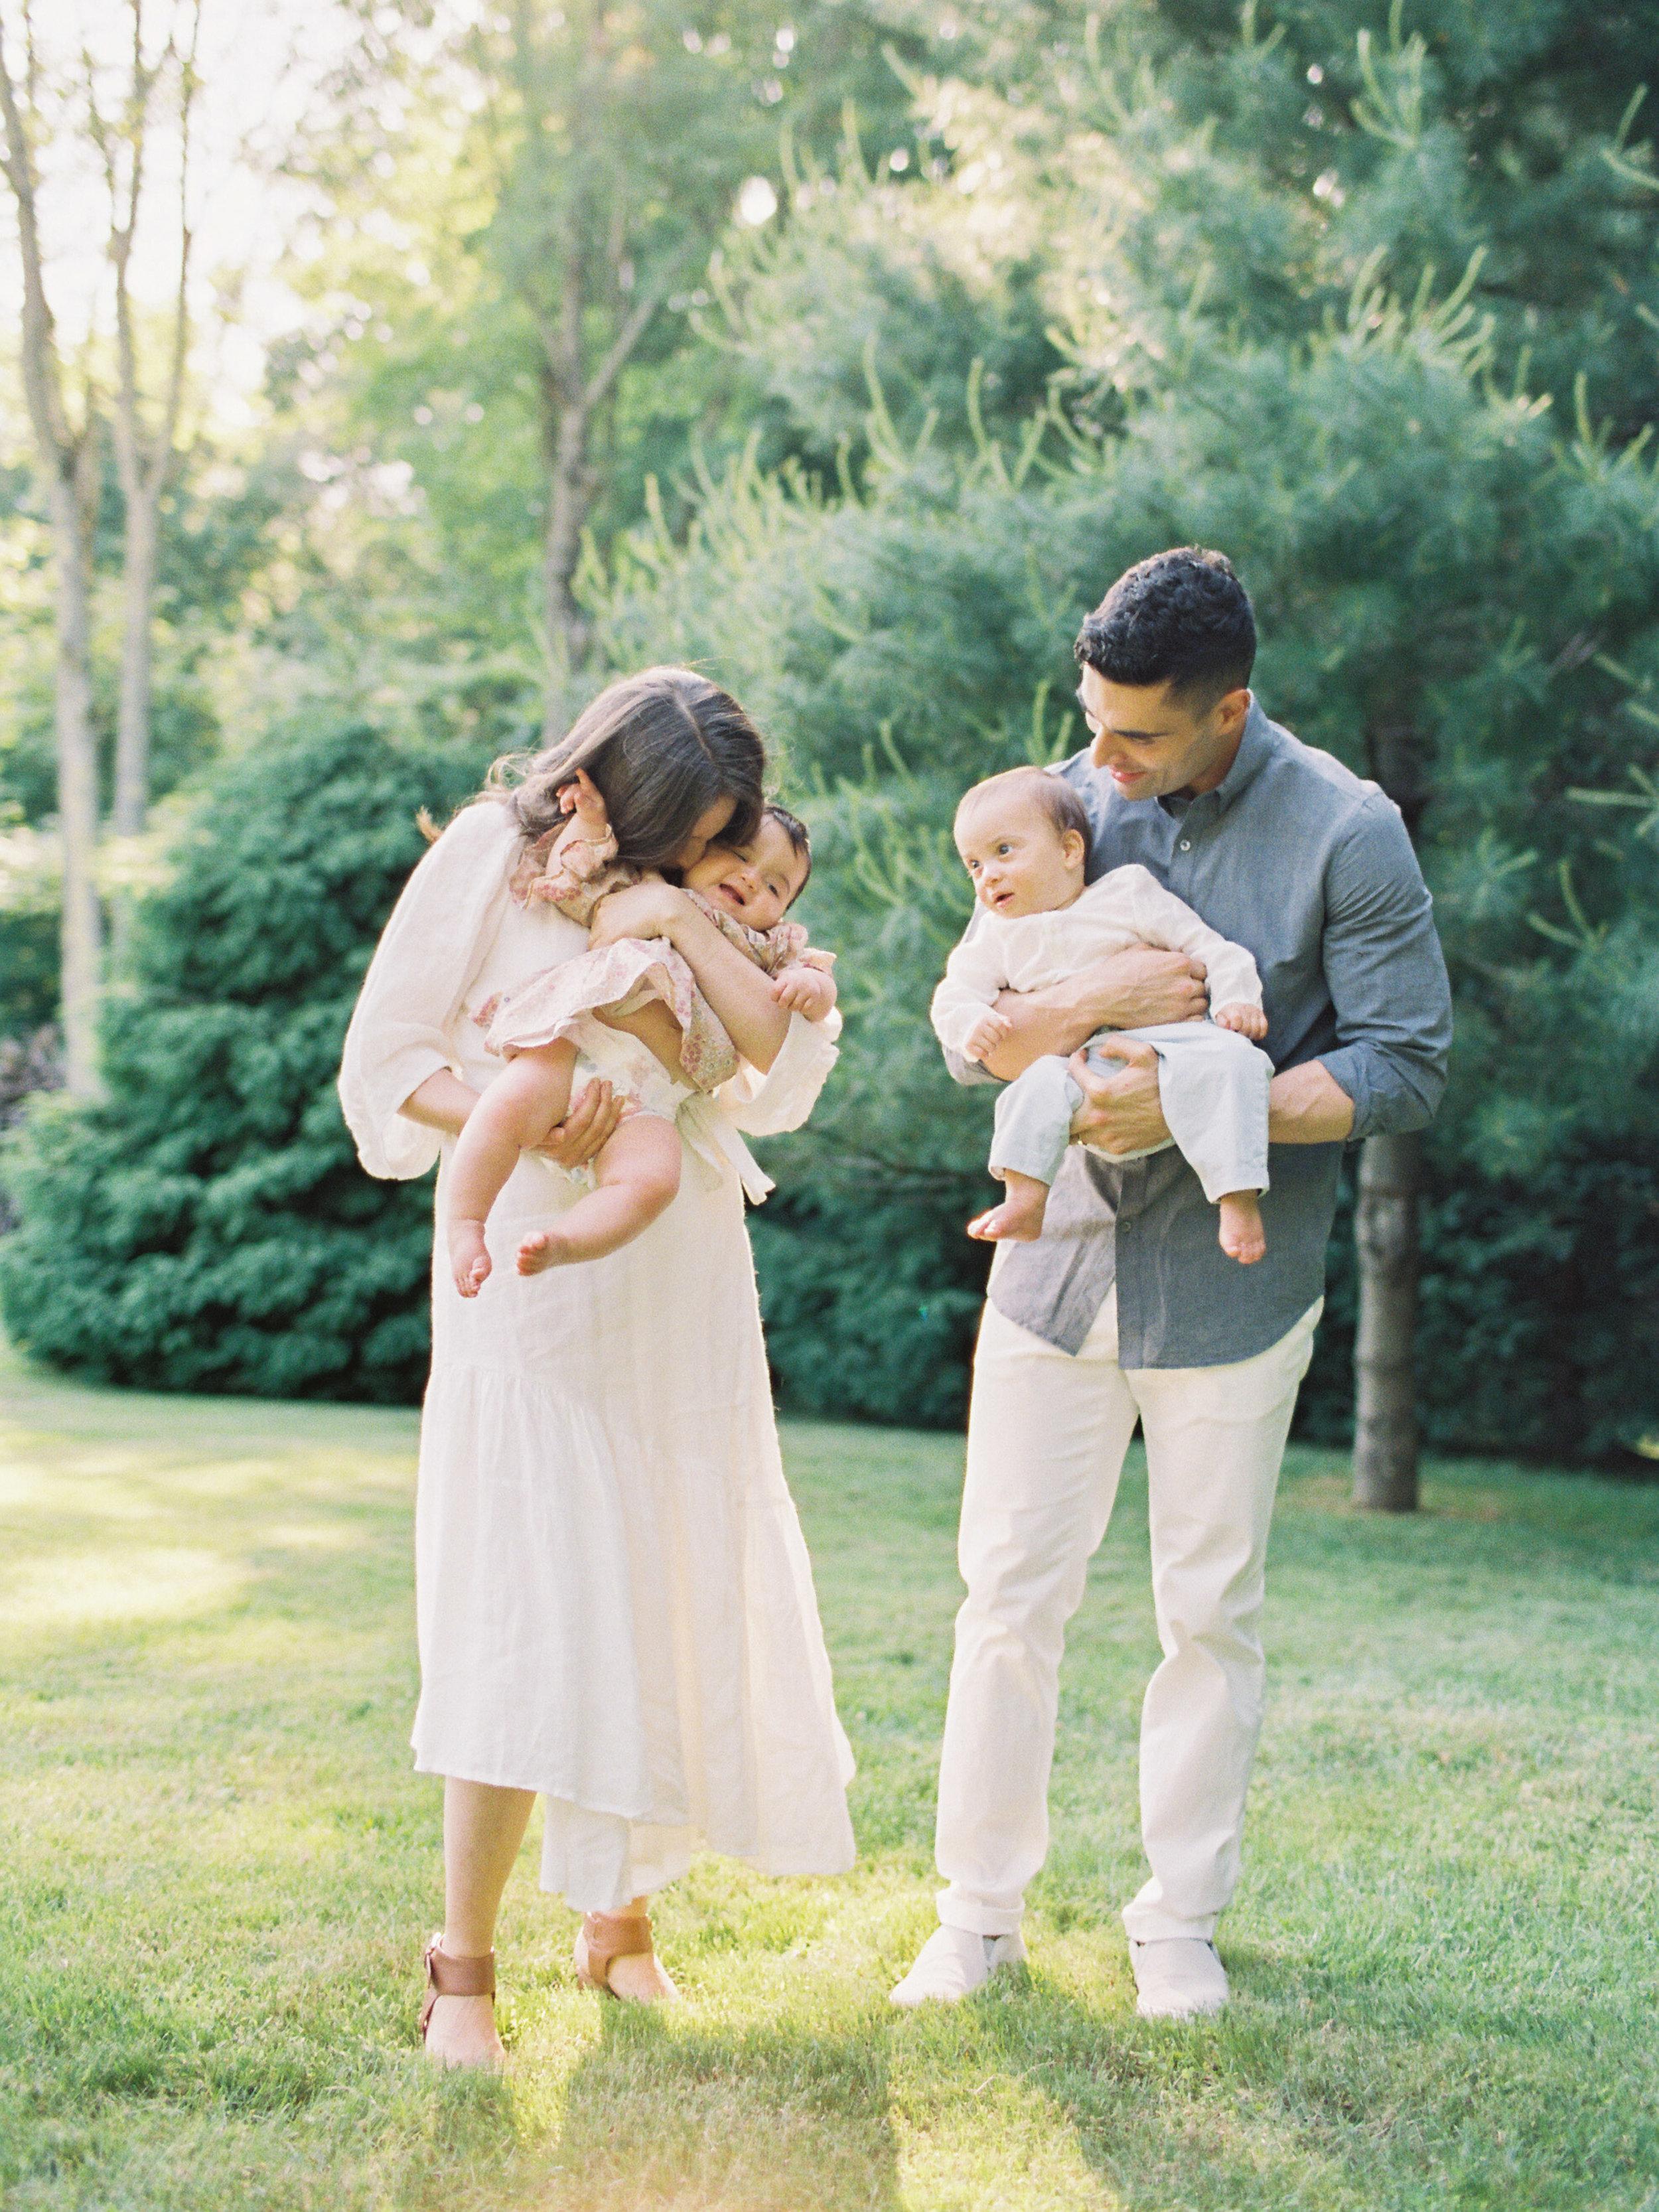 Pound-Ridge-Family-Portraits-63-Jen-Huang-003167-R1-011.jpg